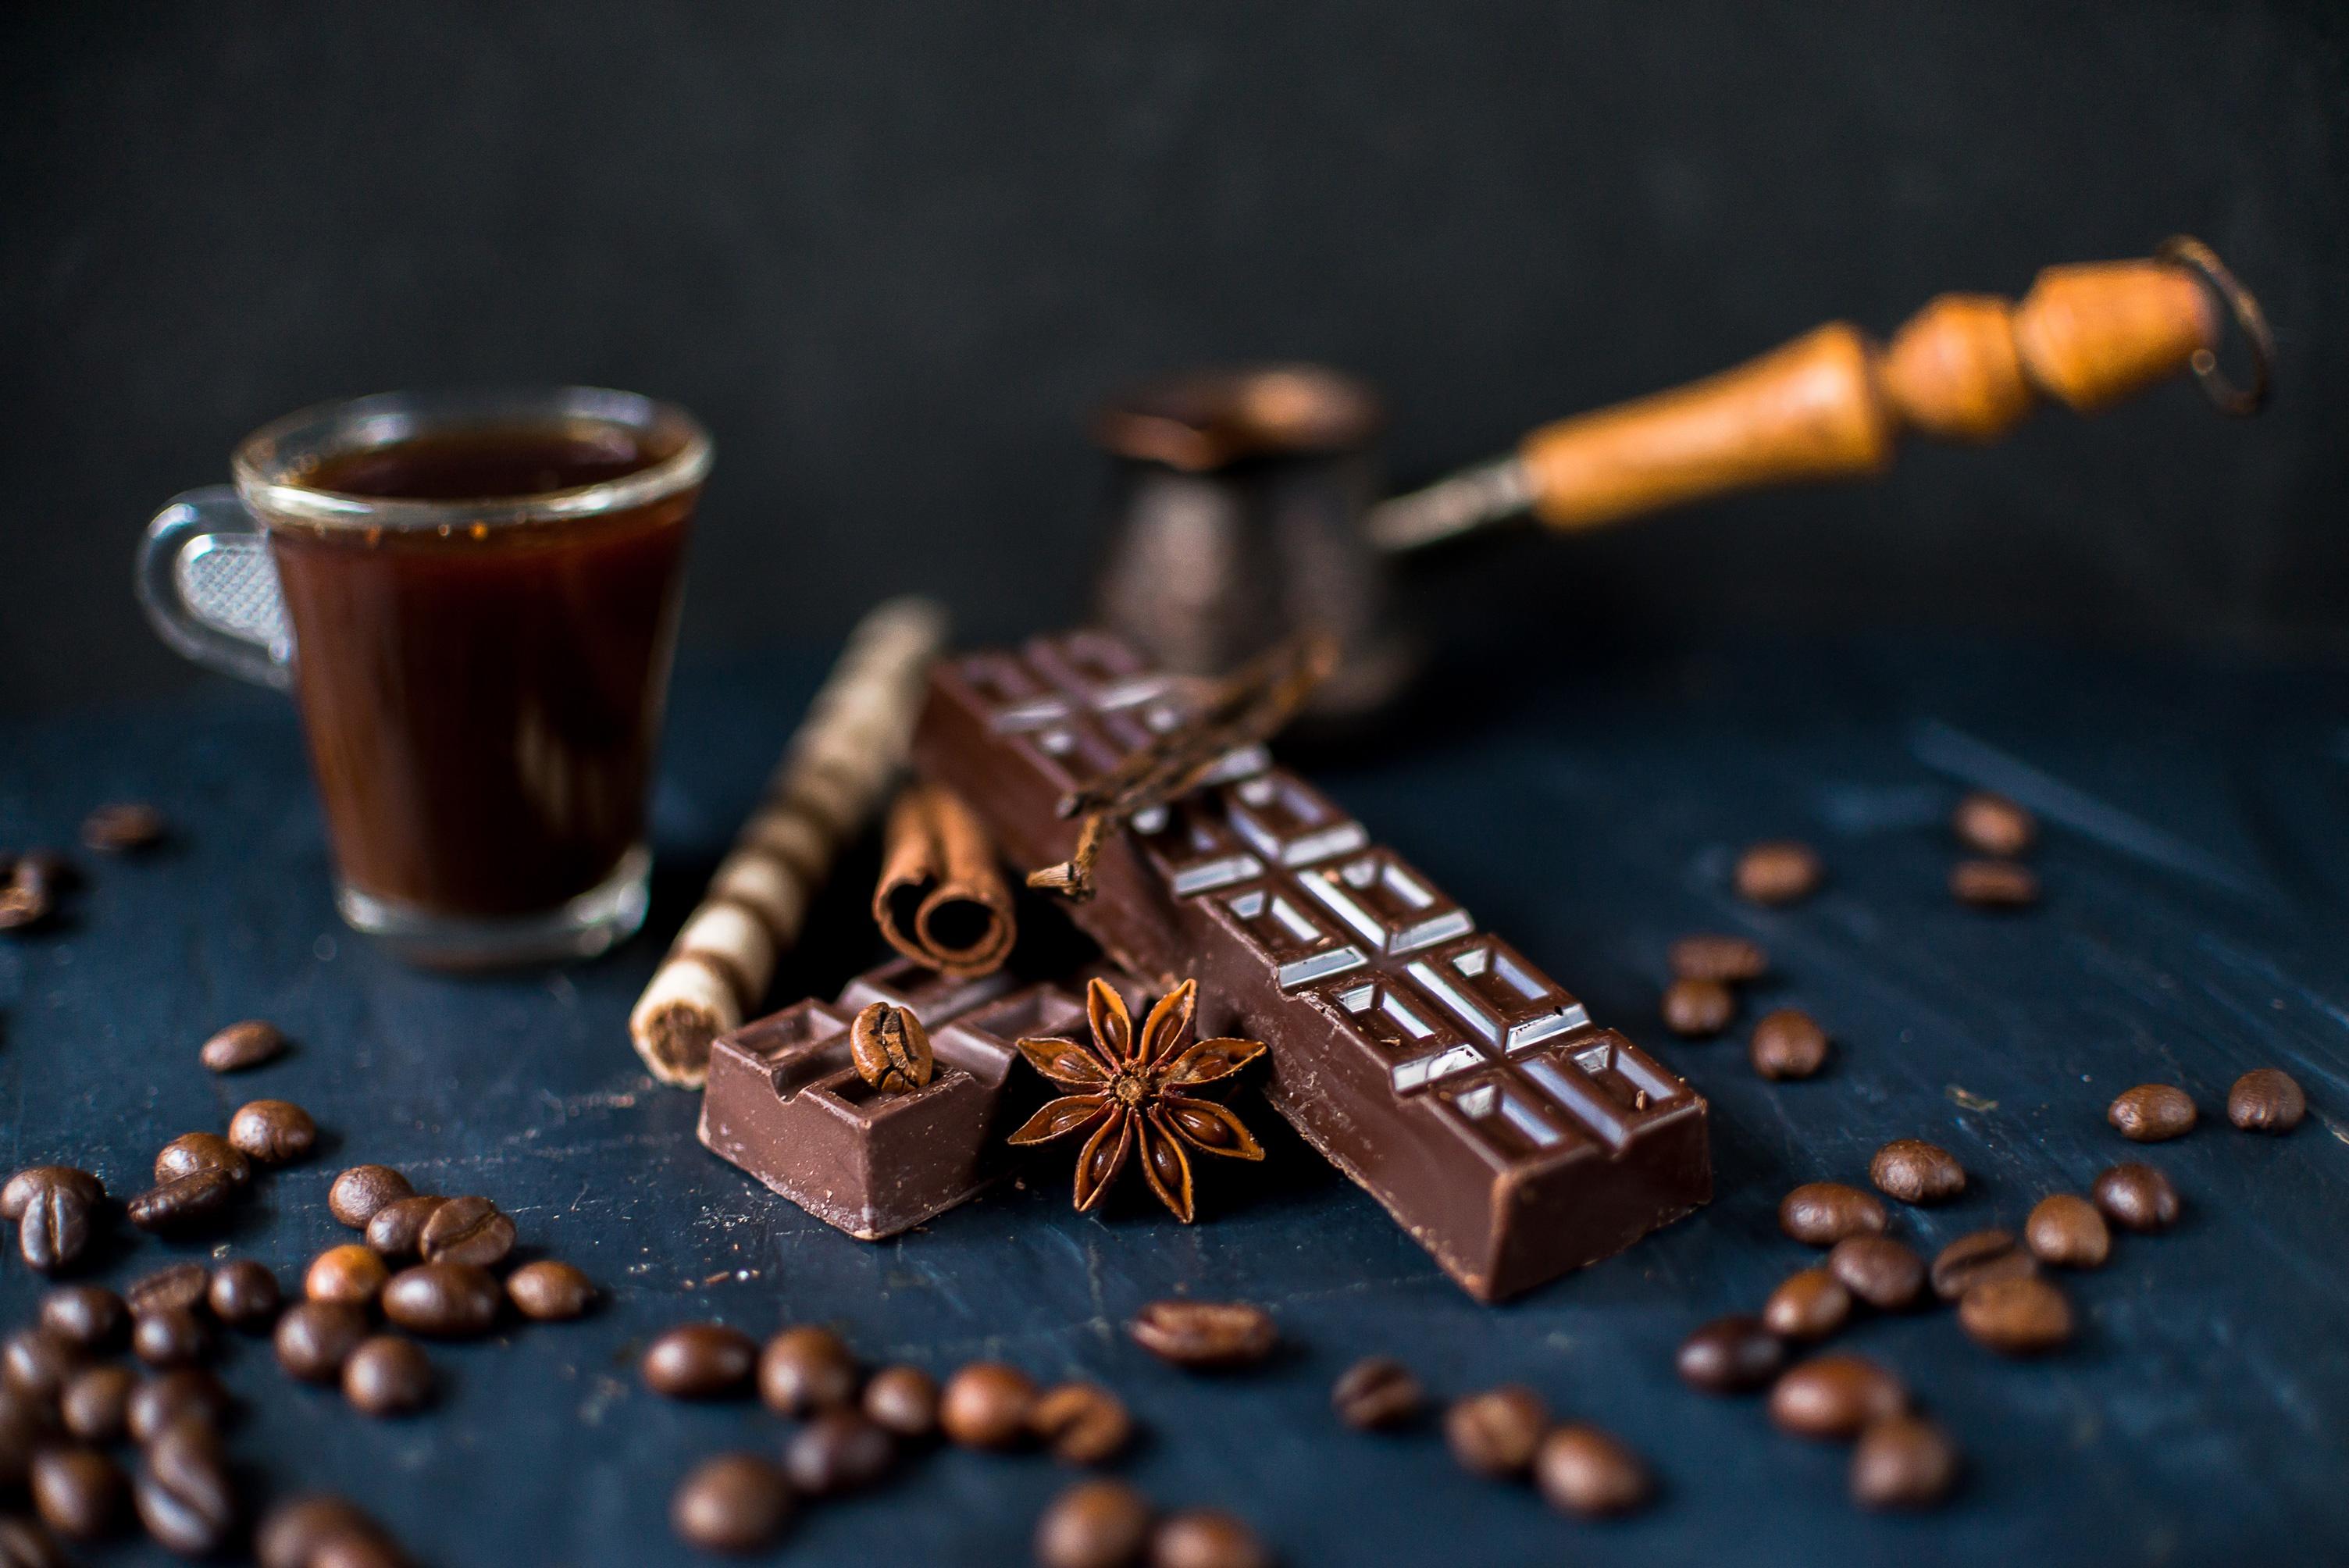 картинки кофе и шоколад фон себя участником